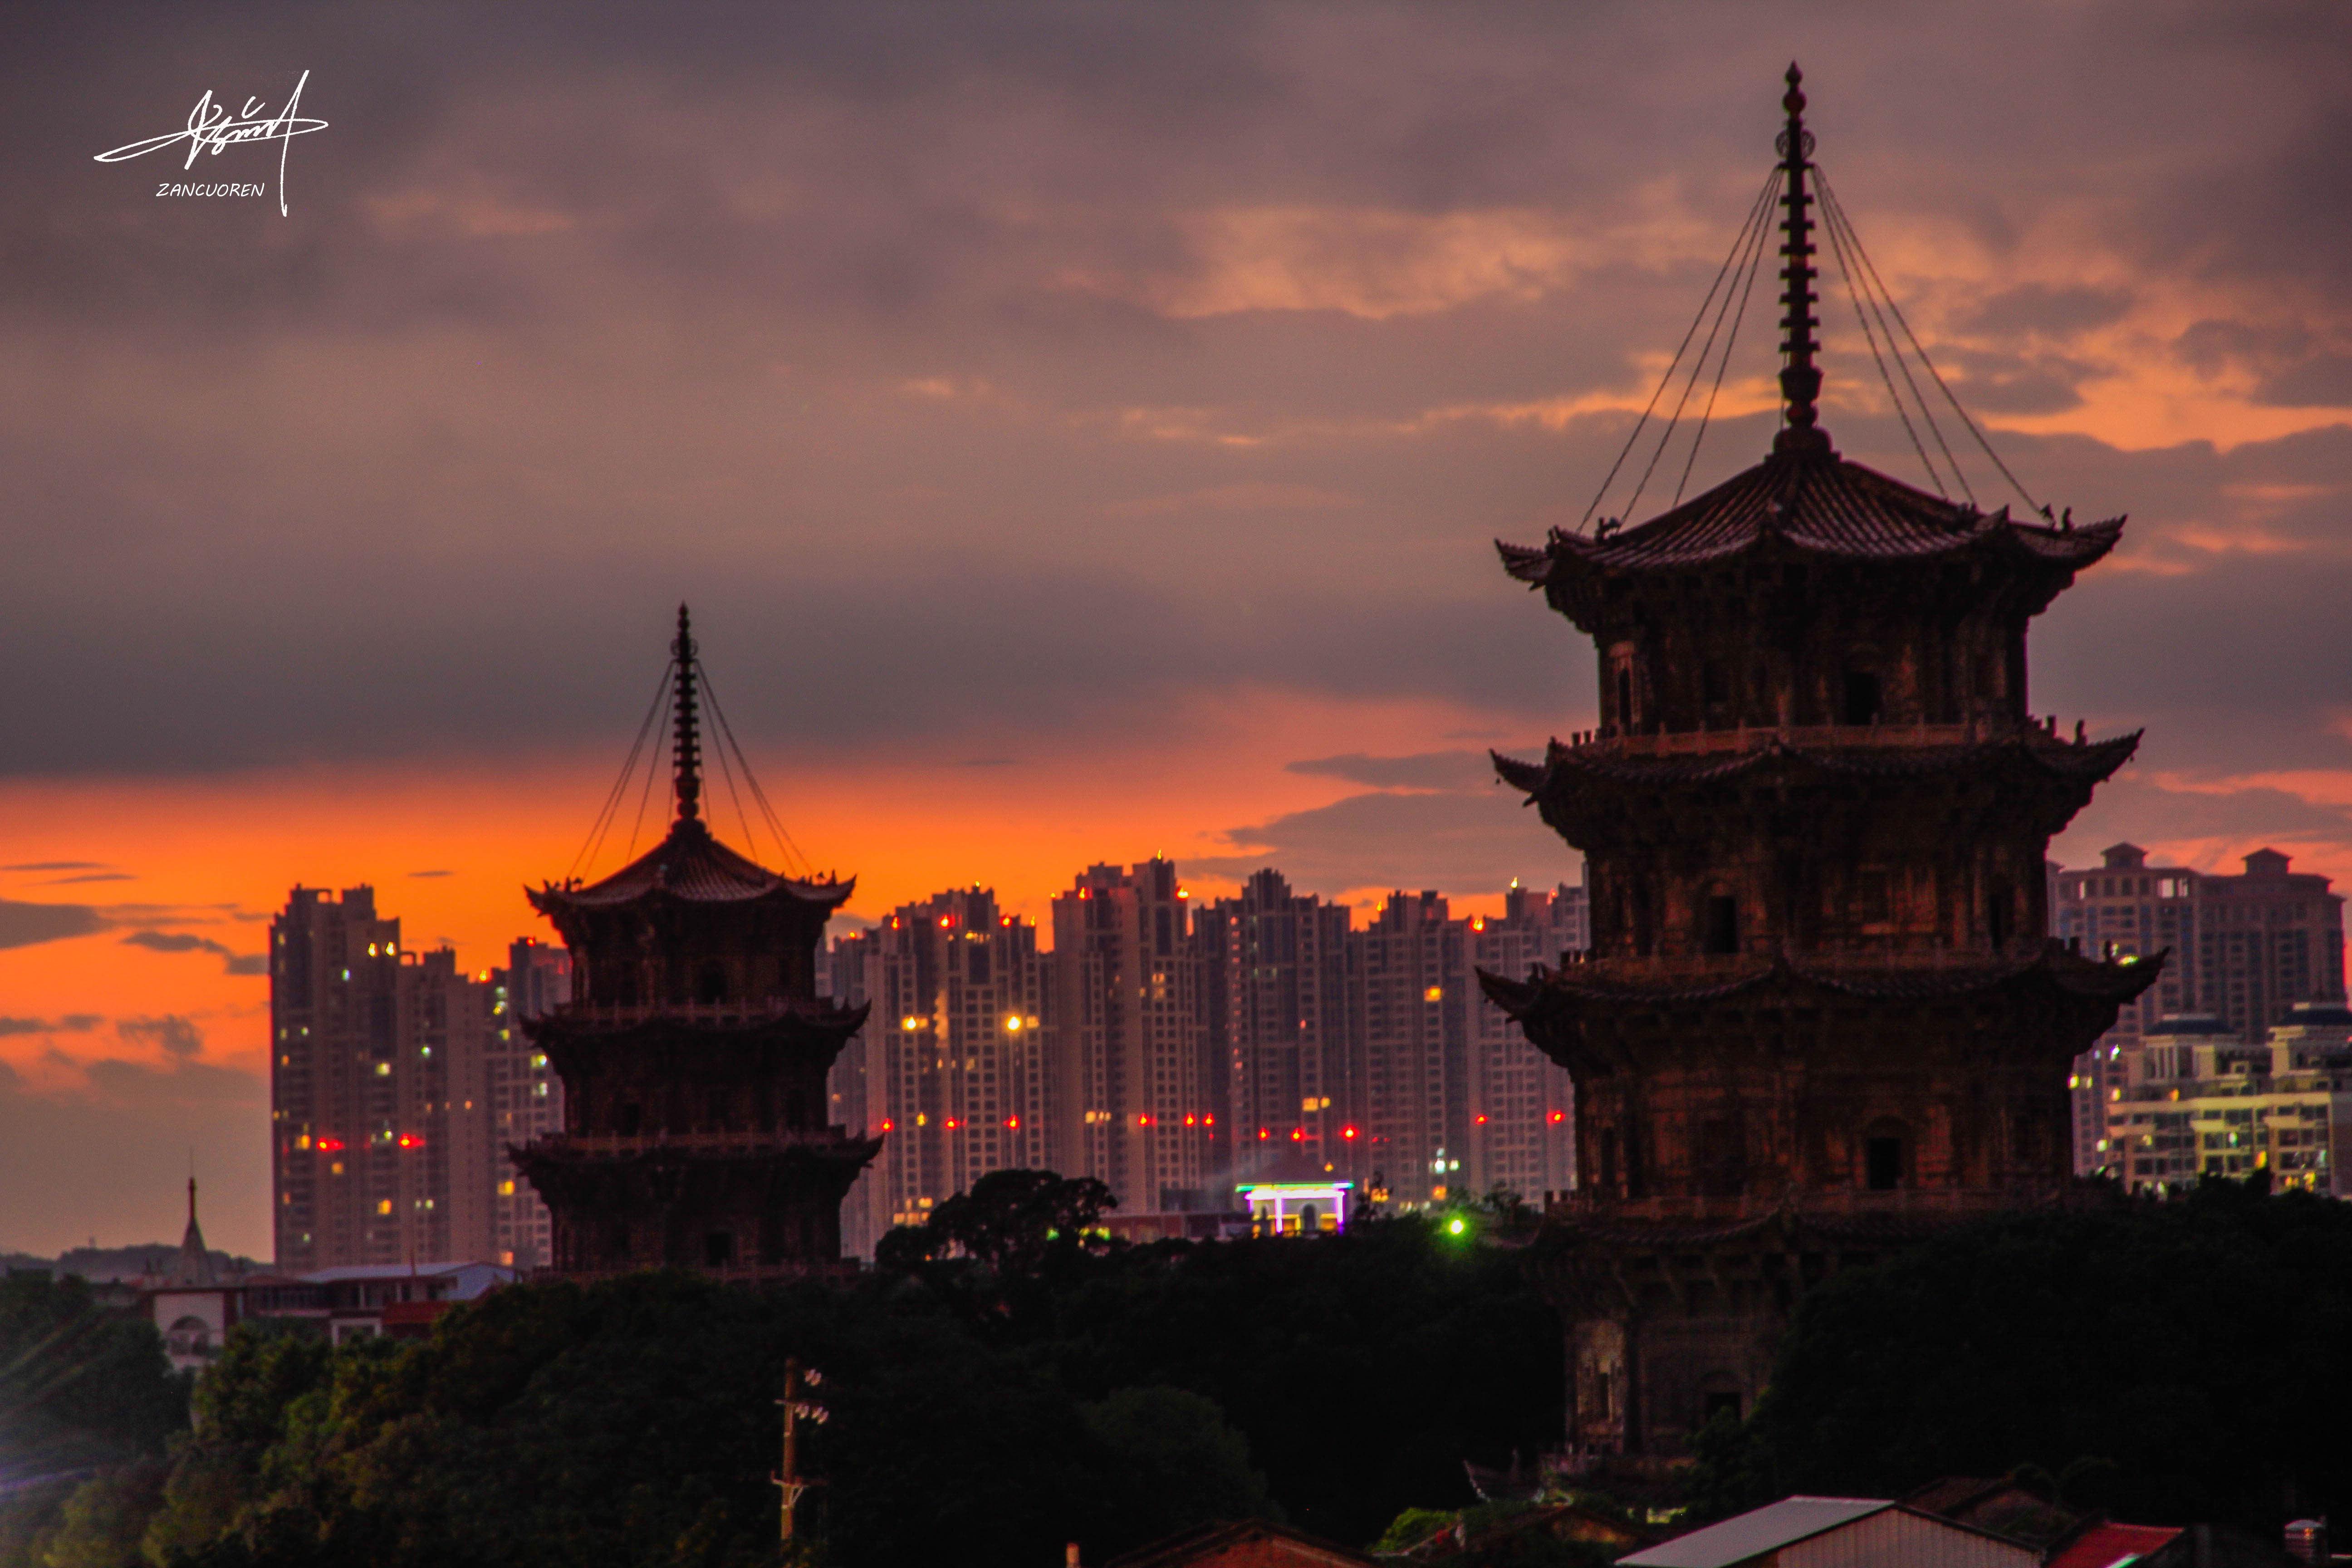 千年古寺,中国最高的石结构塔,东为镇国塔,高48.27米;西为仁寿塔,高45.06米。是中国最高也是最大的一对石塔。 镇国塔始建于唐咸通六年(公元865年),仁寿塔,始建于五代梁贞明二年(公元916年)。东西塔历经风雨侵袭,地震摇撼,仍屹然挺立,表现了宋代泉州石构建筑和石雕艺术的高度成就,是中国古代石构建筑瑰宝。东西两塔历经风雨侵袭,地震摇撼,仍屹然挺立,表现了宋代泉州[1]石构建筑和石雕艺术的高度成就,成了泉州古城的独特标志和象征。